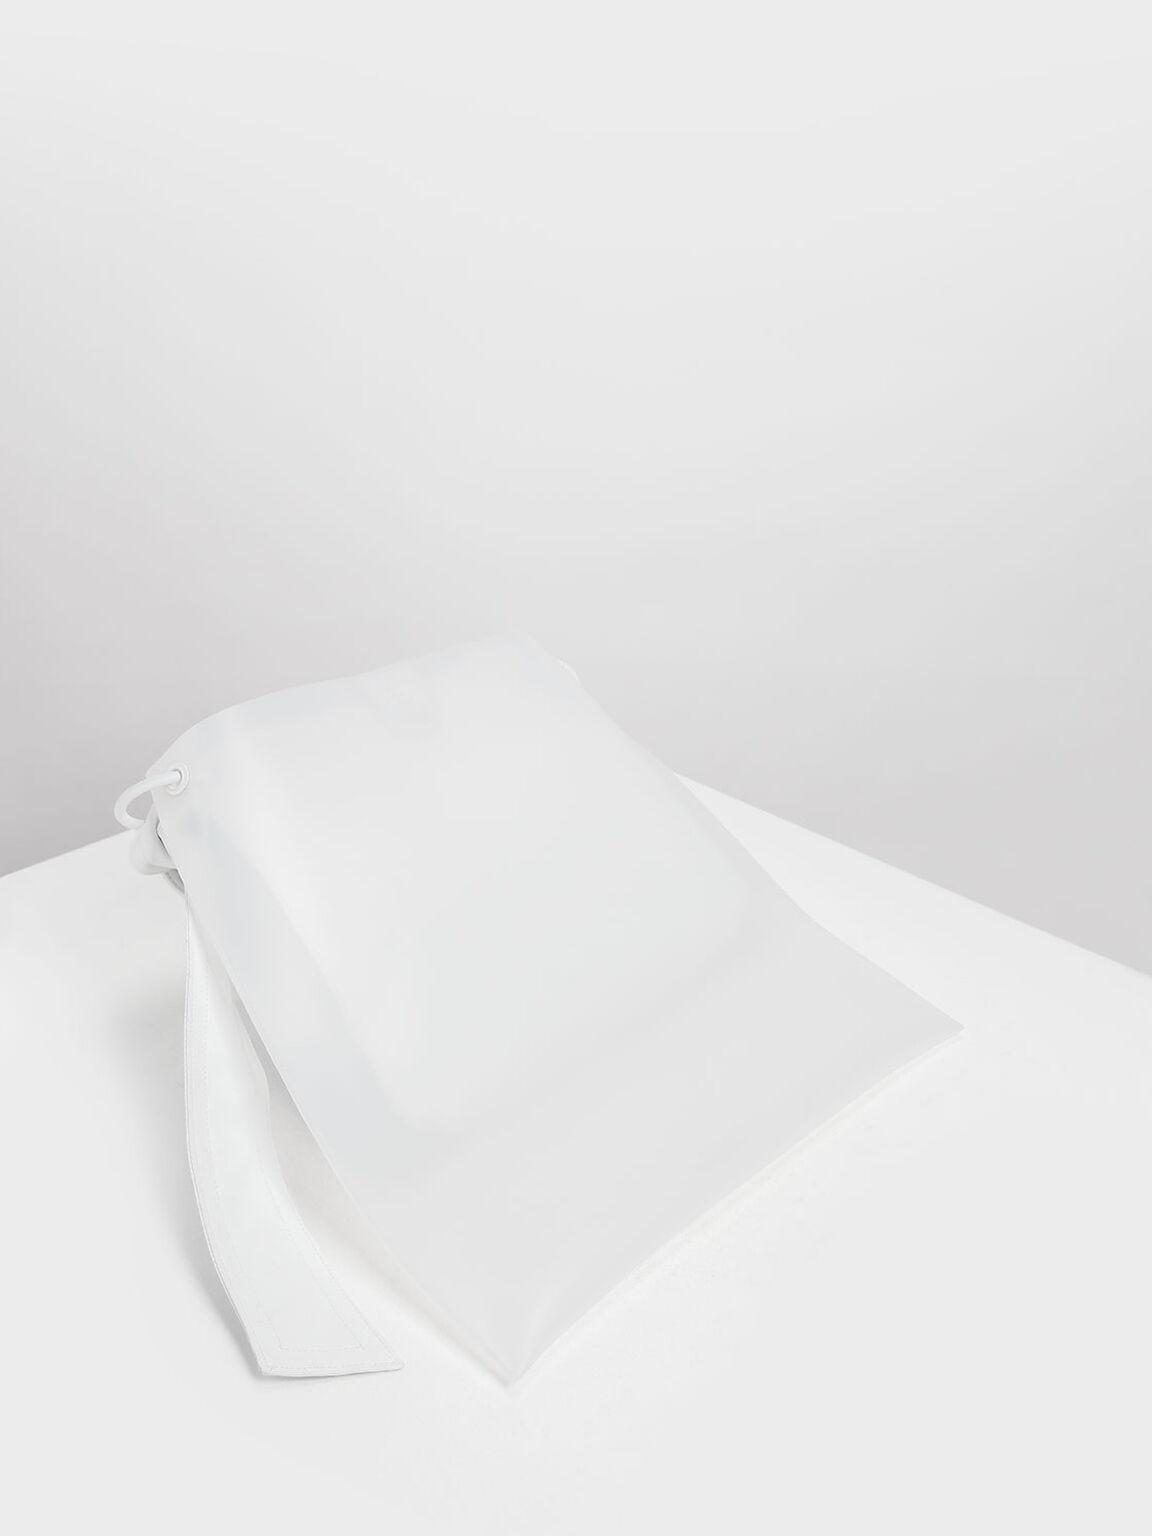 싱글 핸들 호보 백, White, hi-res